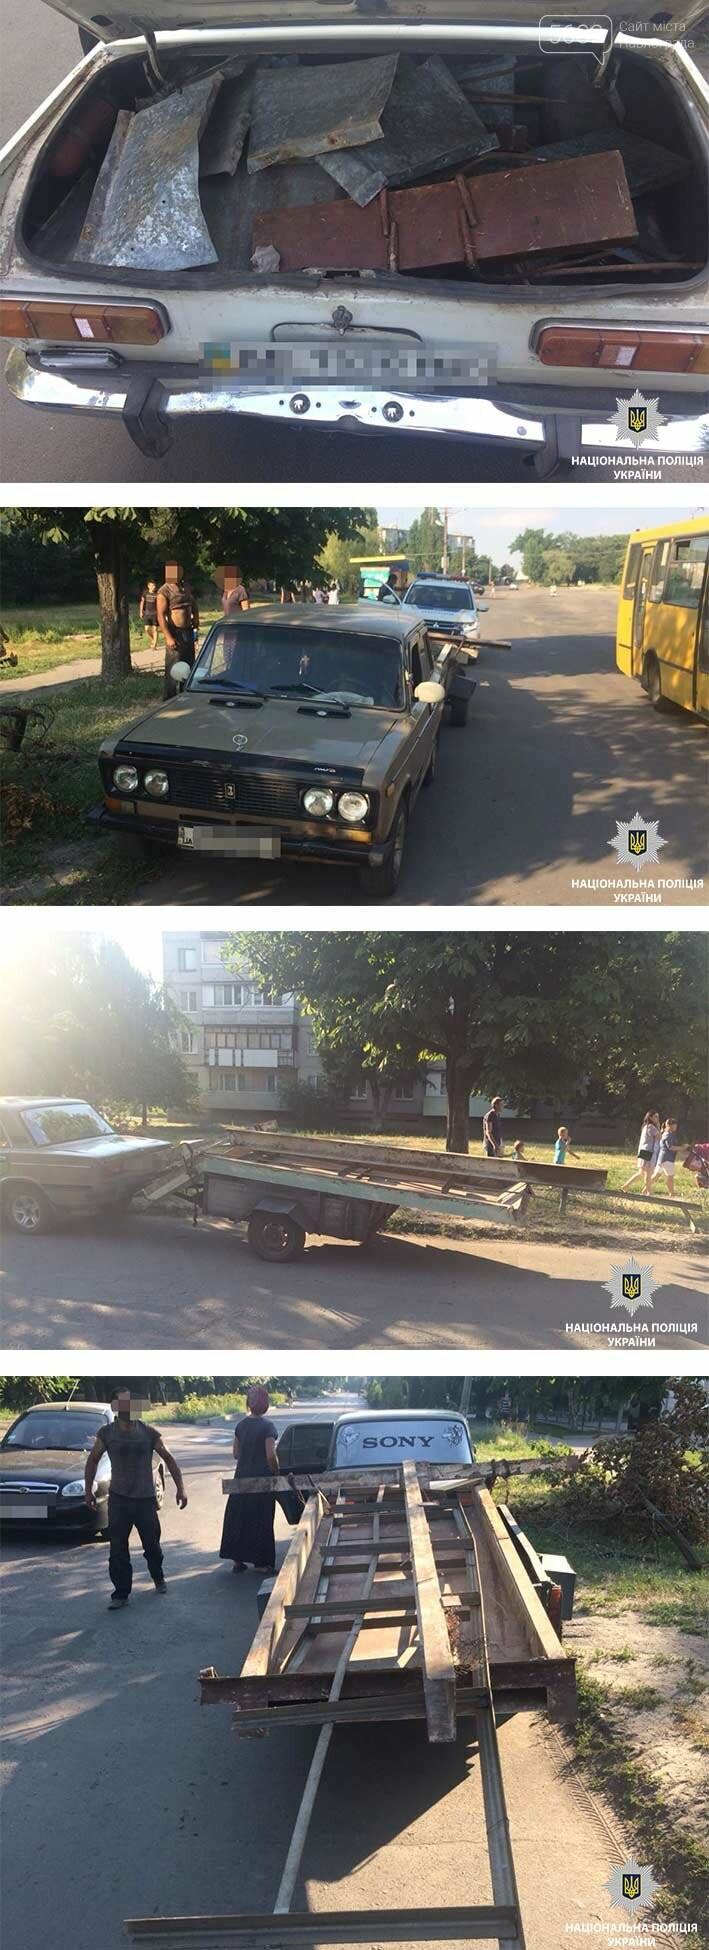 У Павлограді крадії розбирали на метал занедбаний будинок культури, фото-1